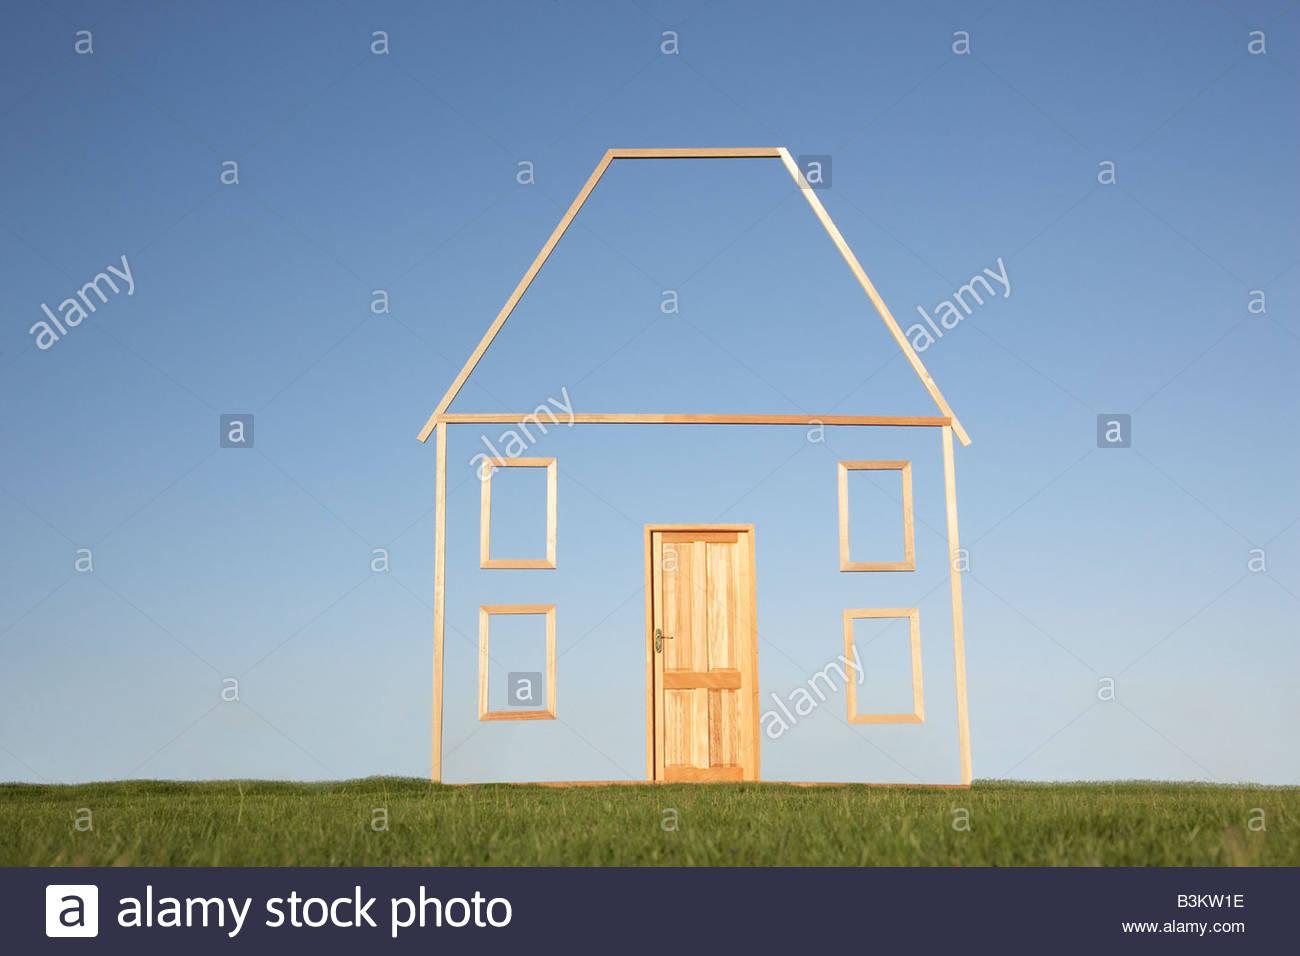 Vertikale Haus Gliederung im Bereich Stockbild